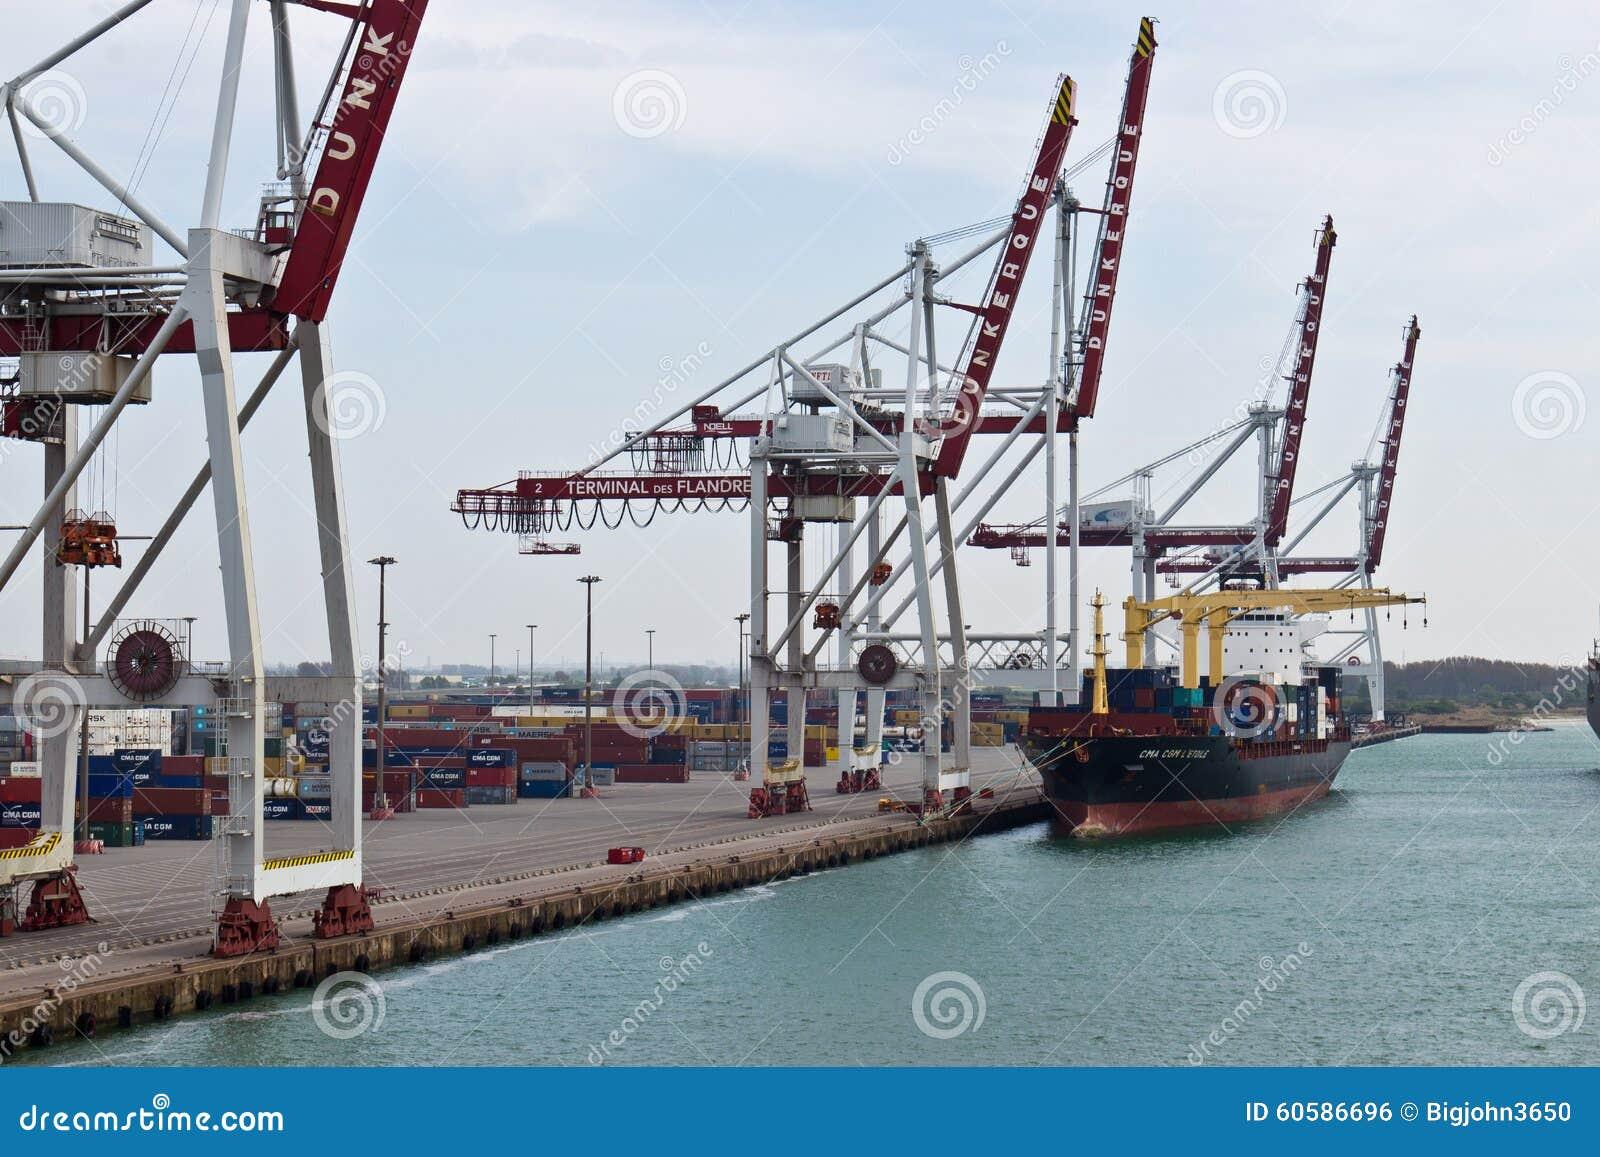 Dunkirk france april 17 2014 port of dunkirk grand port mar editorial photo image 60586696 - Dunkirk port france address ...